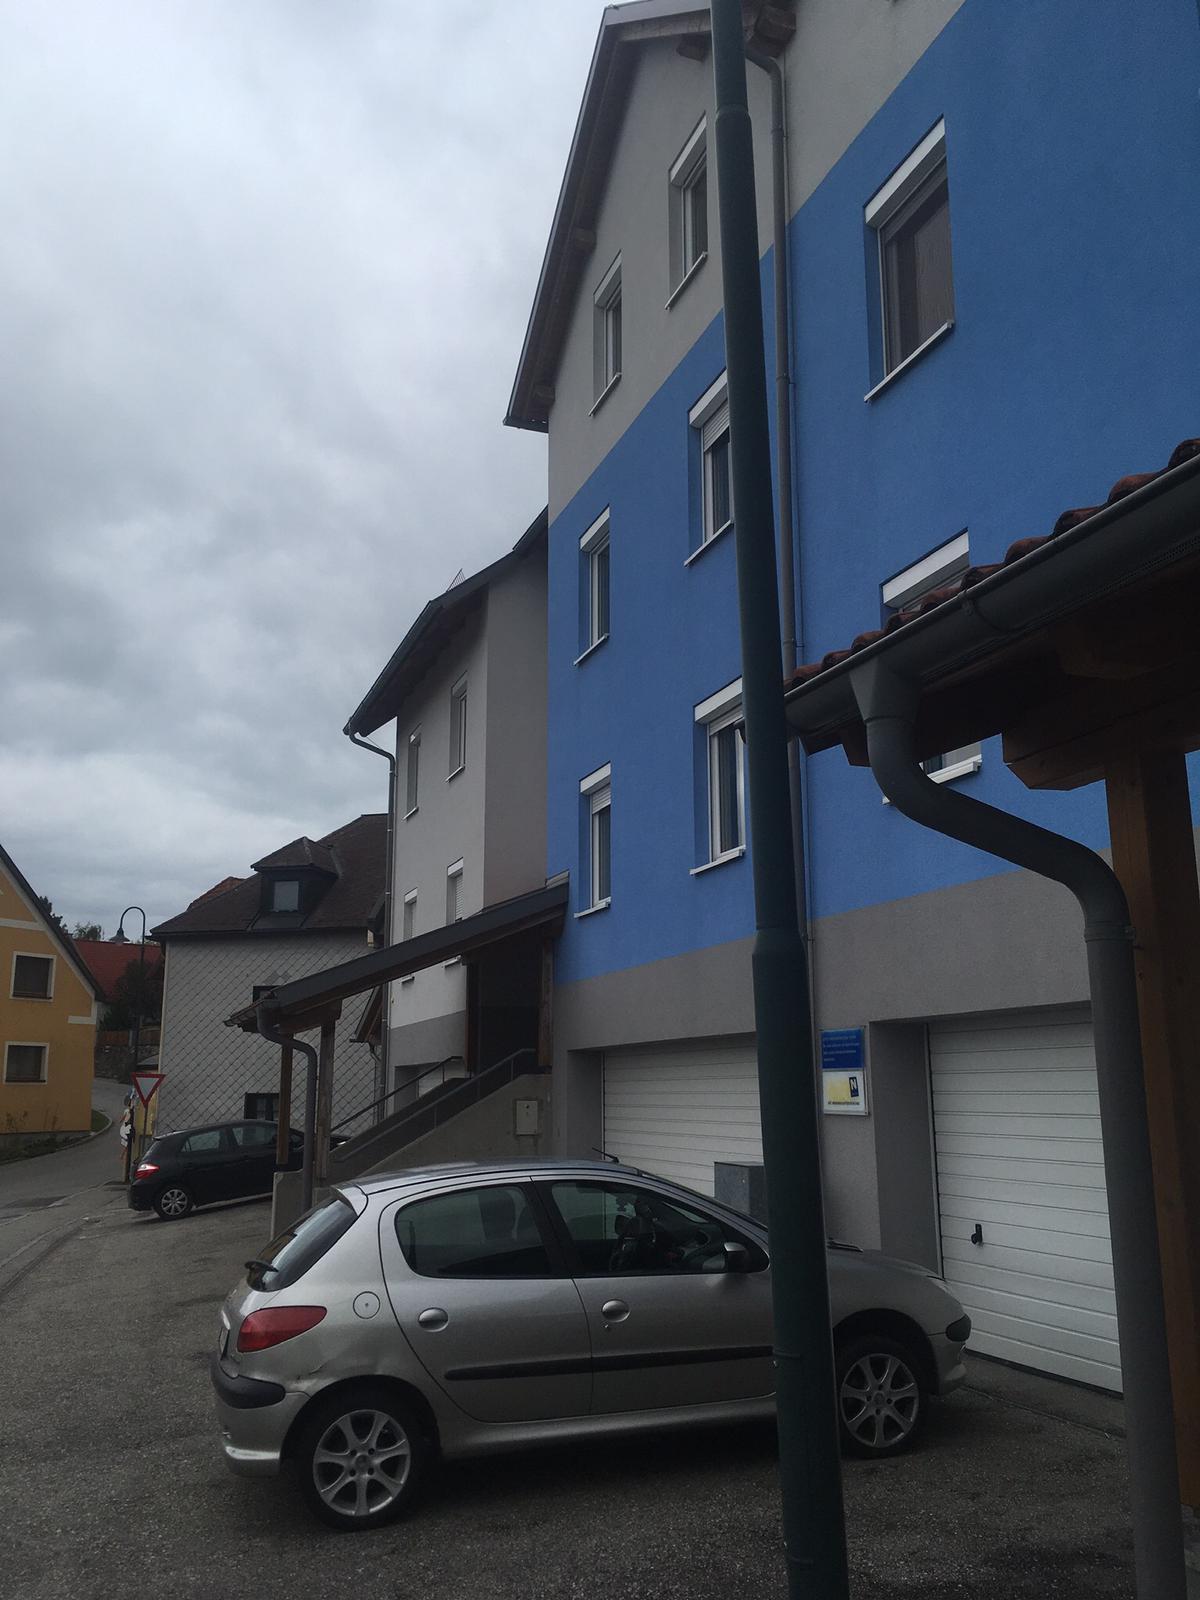 Immobilie von Kamptal in 3613 Albrechtsberg an der Großen Krems, Krems(Land), Albrechtsberg I/1 - Top 105 #17